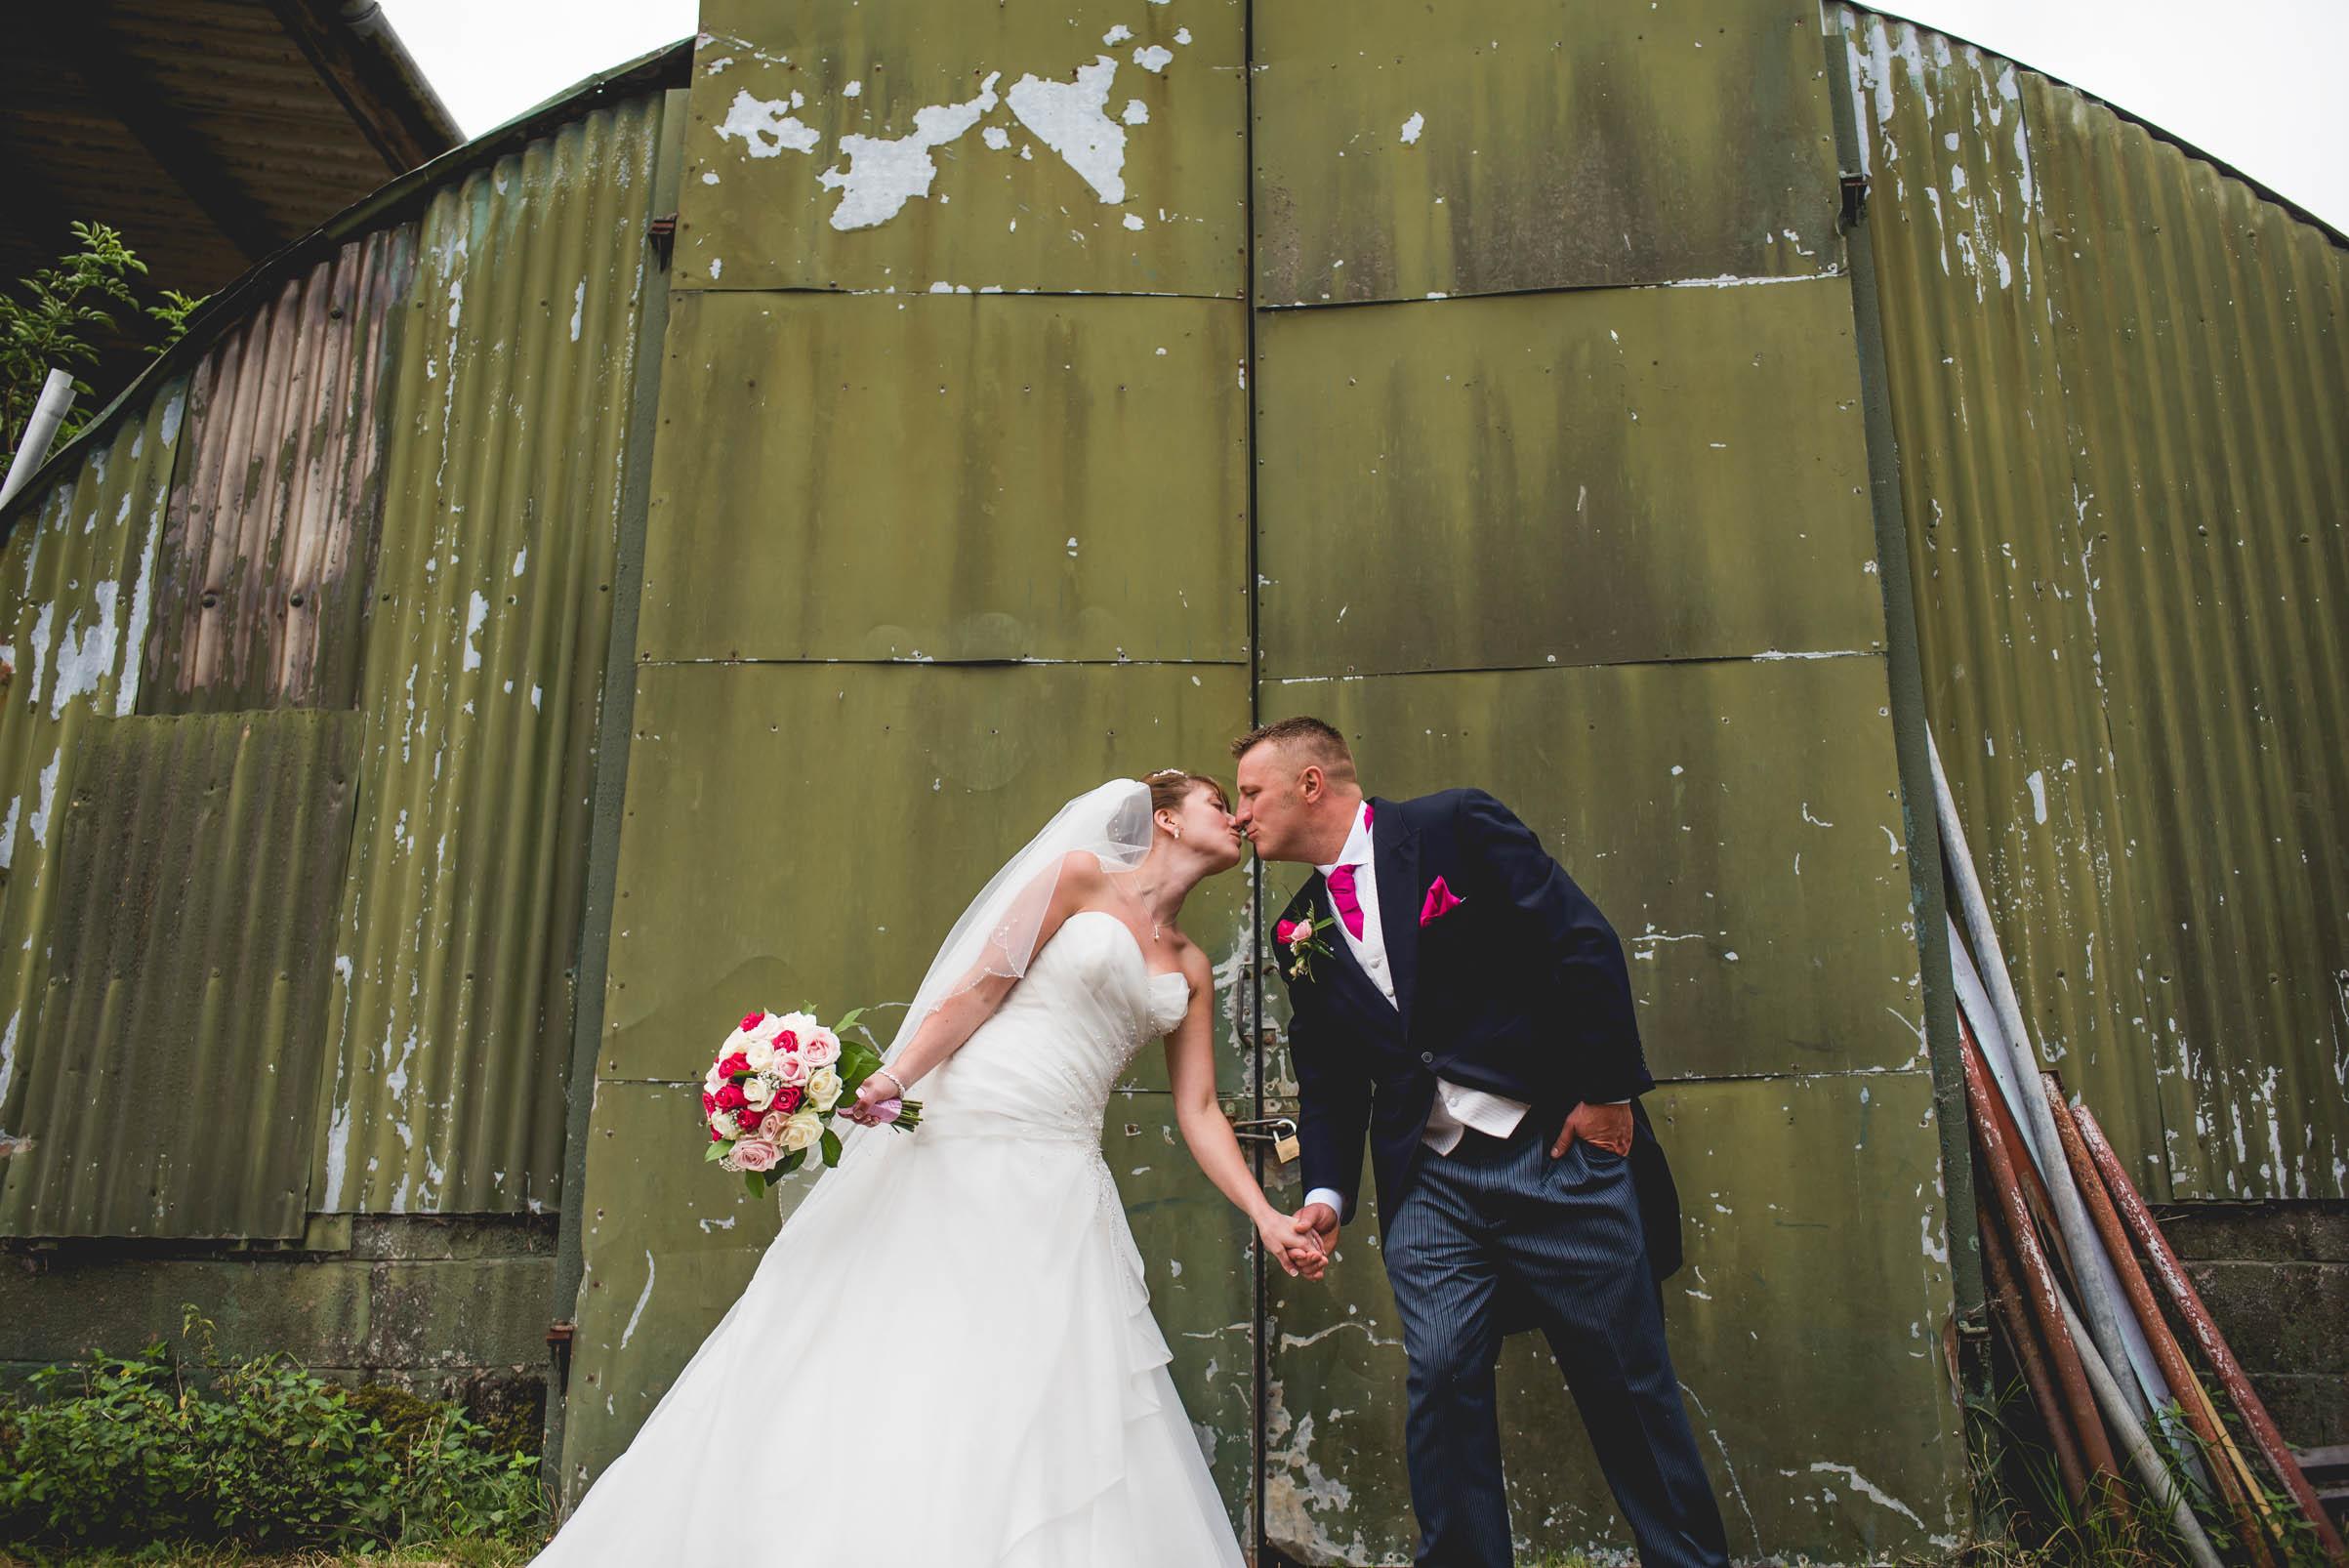 Farm-wedding-staffordshire-st-marys-catholic-church-uttoxter-72.jpg